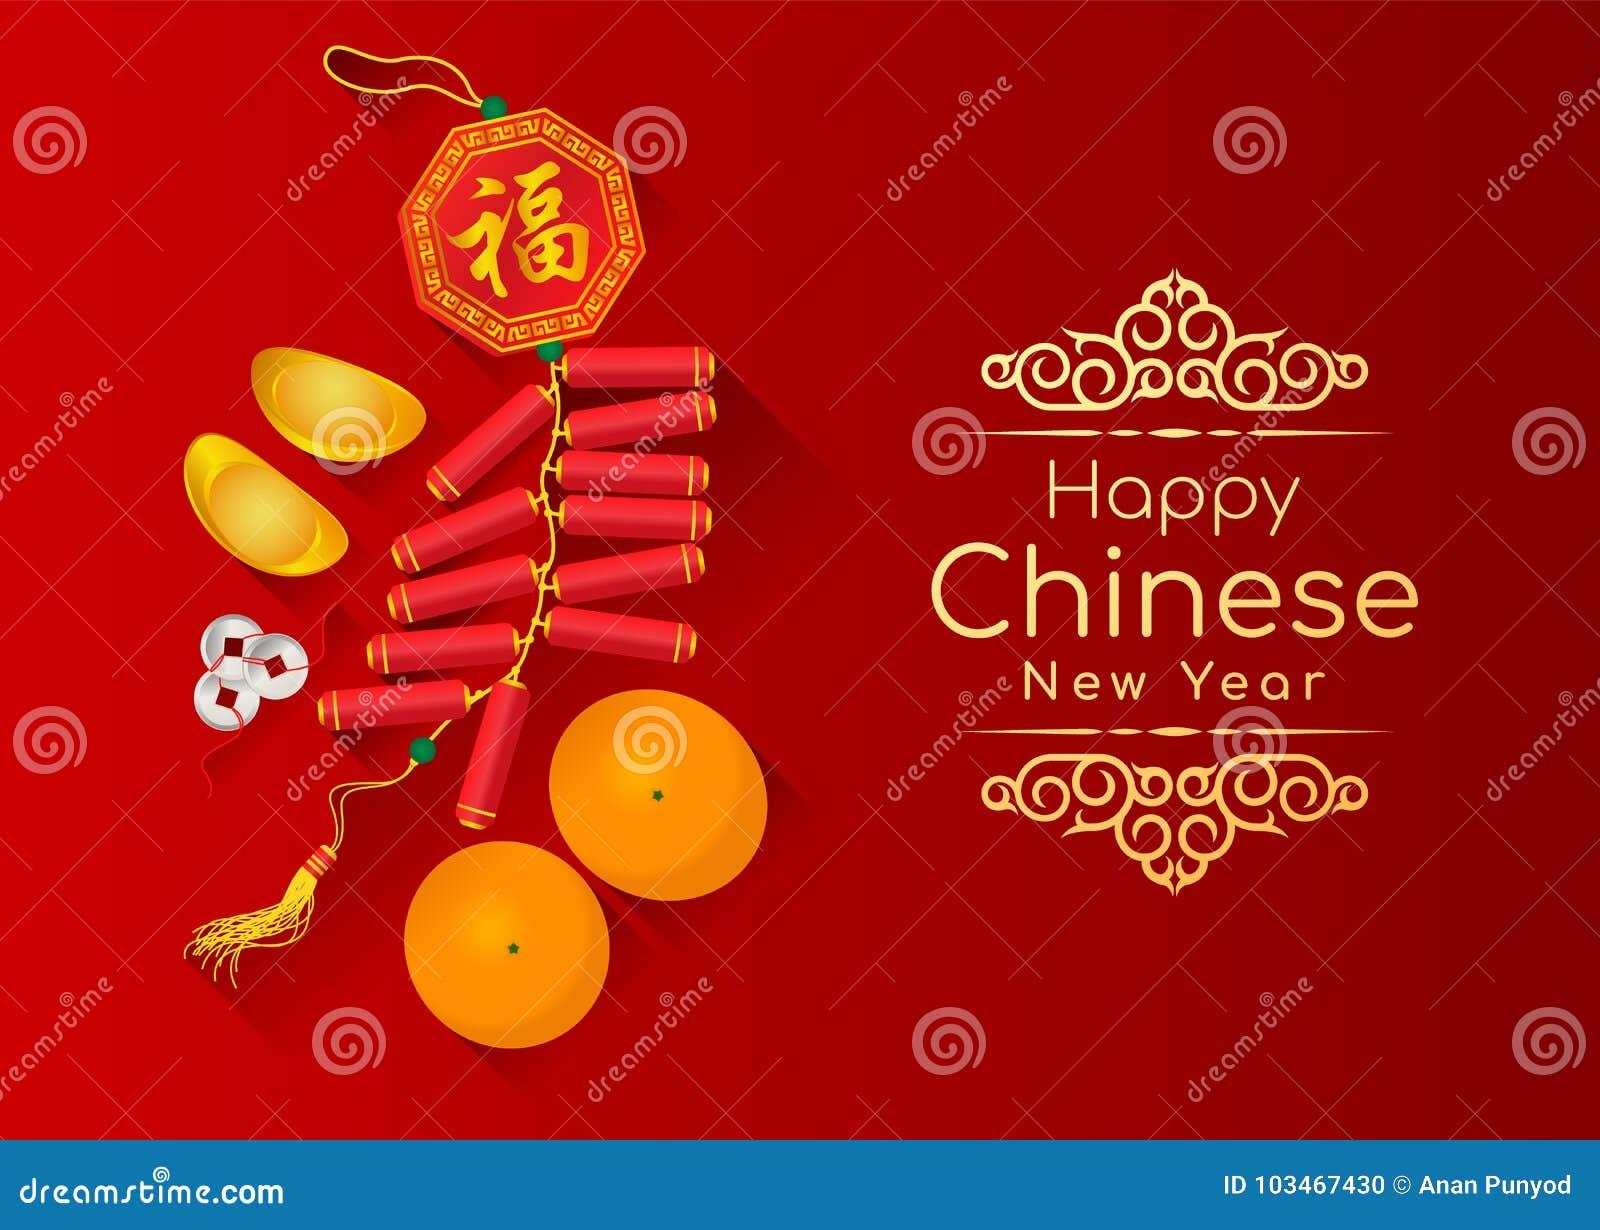 与神圣的愉快的春节卡片是金金钱、橙色果子和保佑在红色backg的爆竹中国词手段